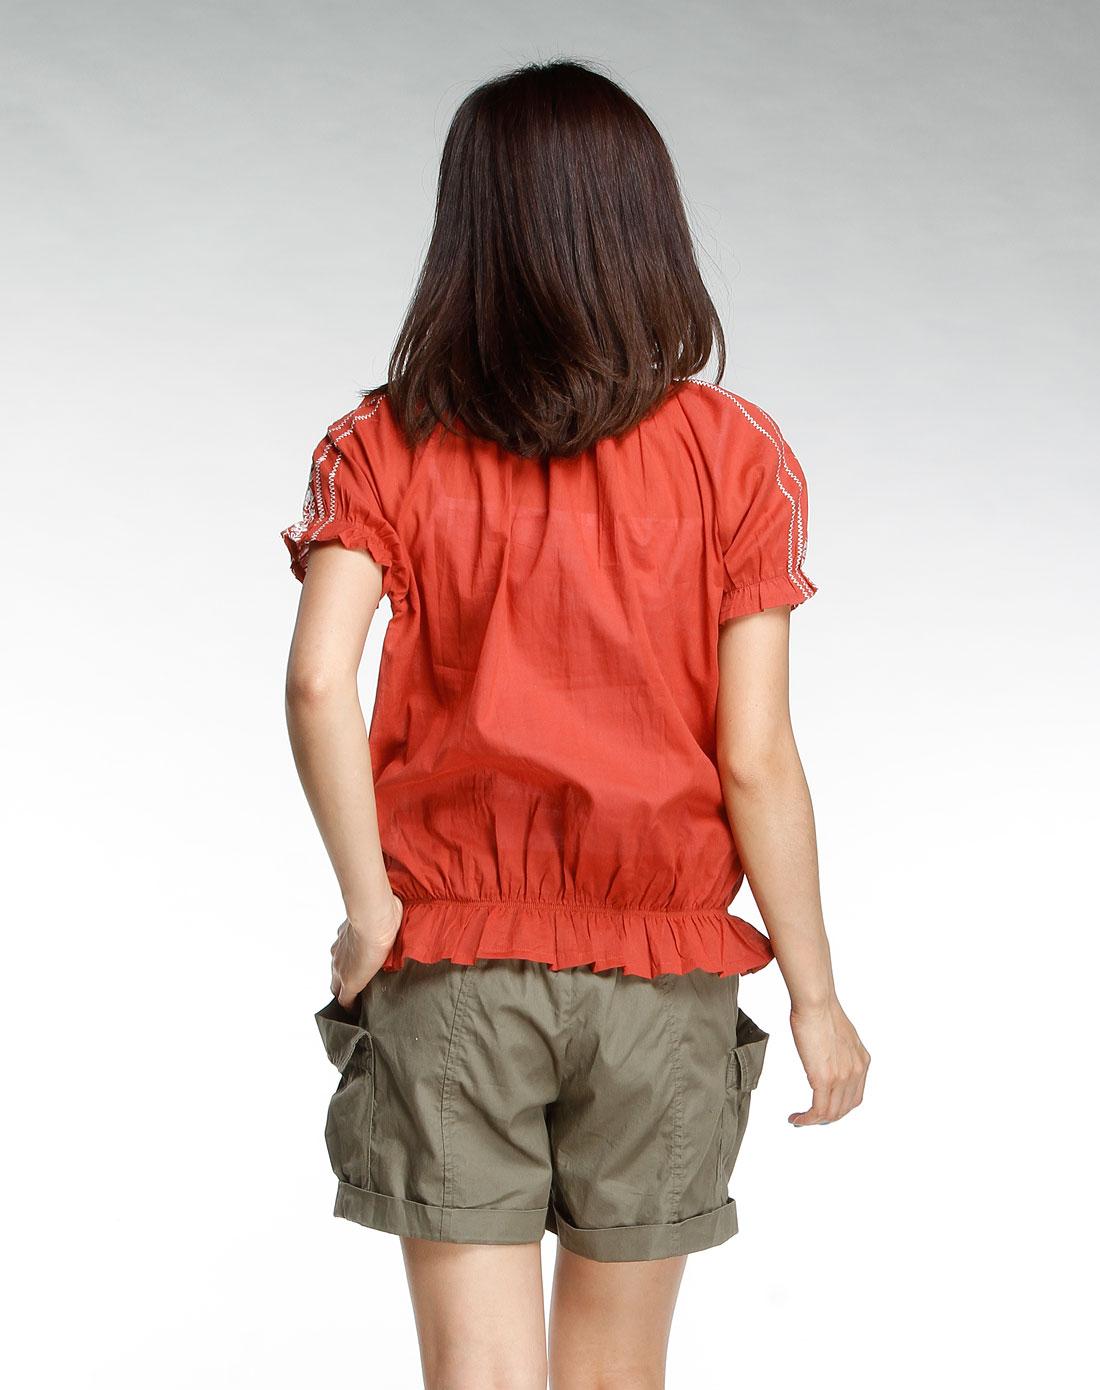 橘红色绣花短袖衬衫